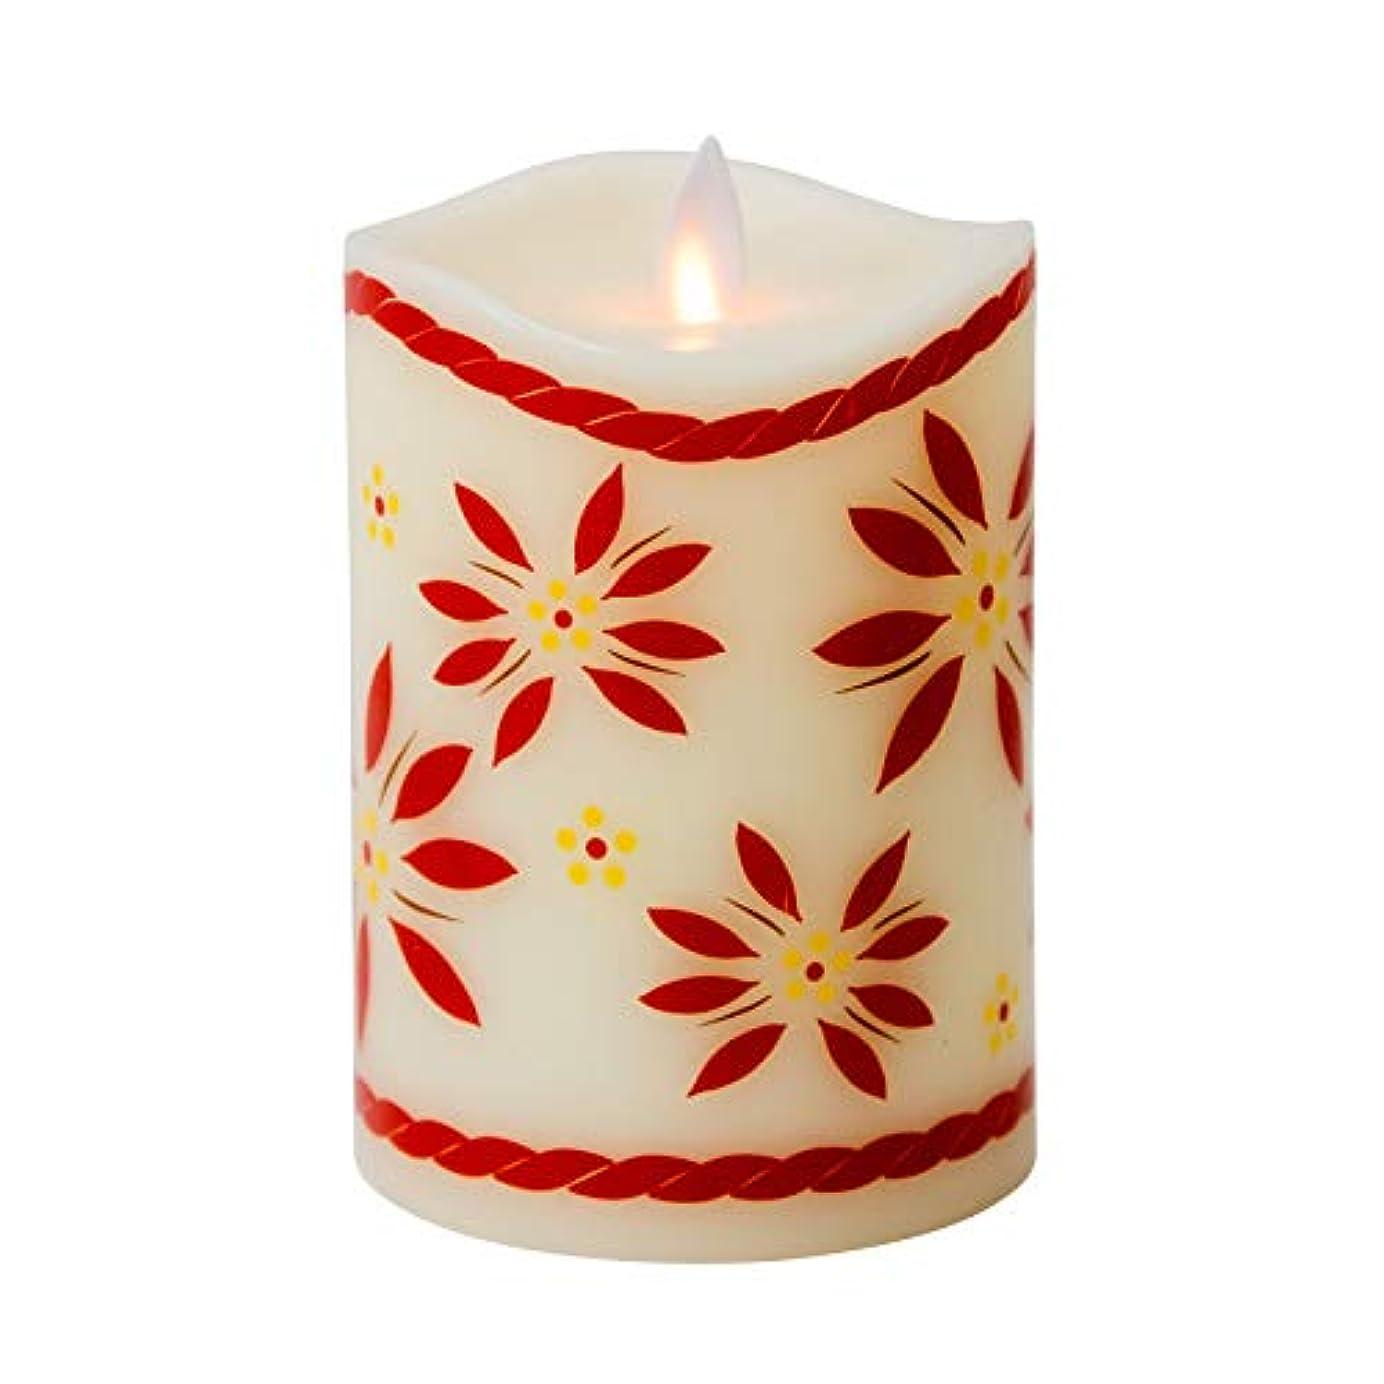 服を片付けるチャーミング物理学者Boston Warehouse temp-tations by Tara Mystiqueパラフィンワックス5インチOld World Flameless Pillar Candle レッド 40441